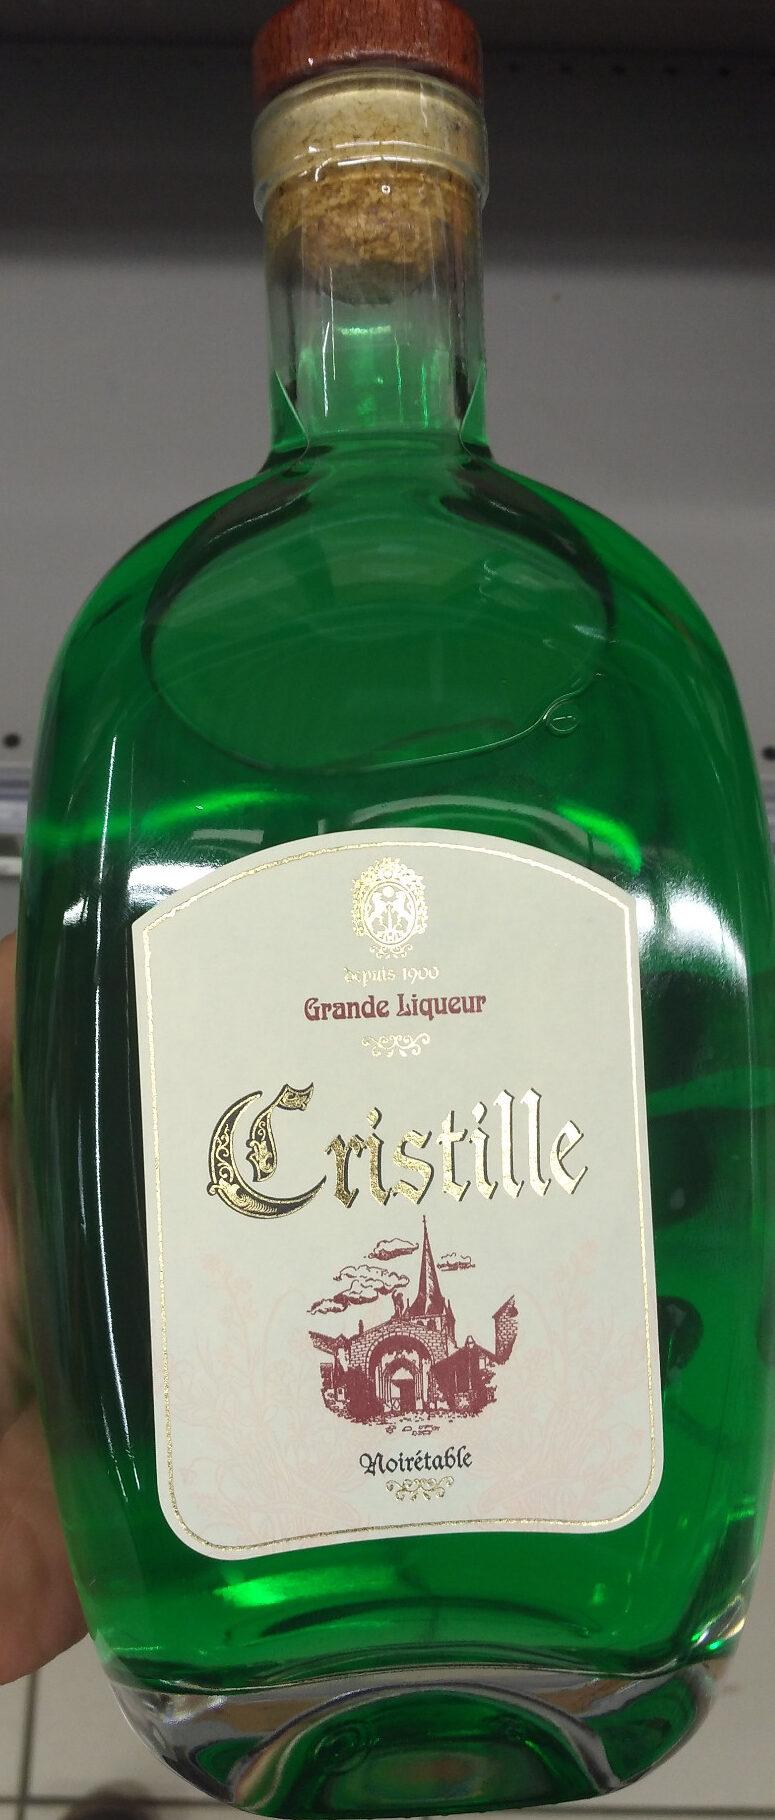 Cristille Noirétable - Produit - fr